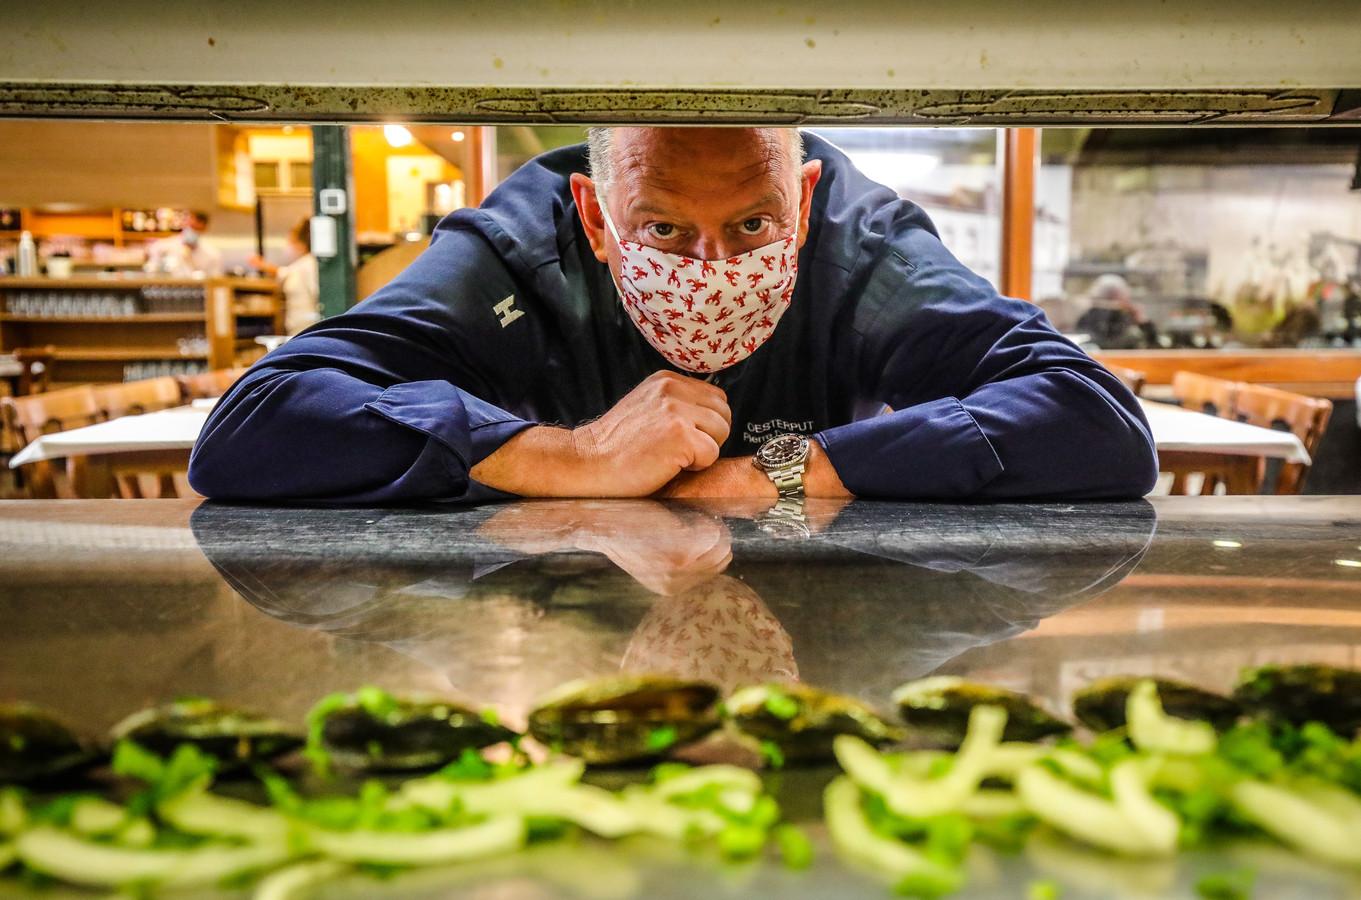 Piet Devriendt zal ook in Dubai zijn kookkunsten kunnen etaleren. Op het menu: kreeft en mosselen.